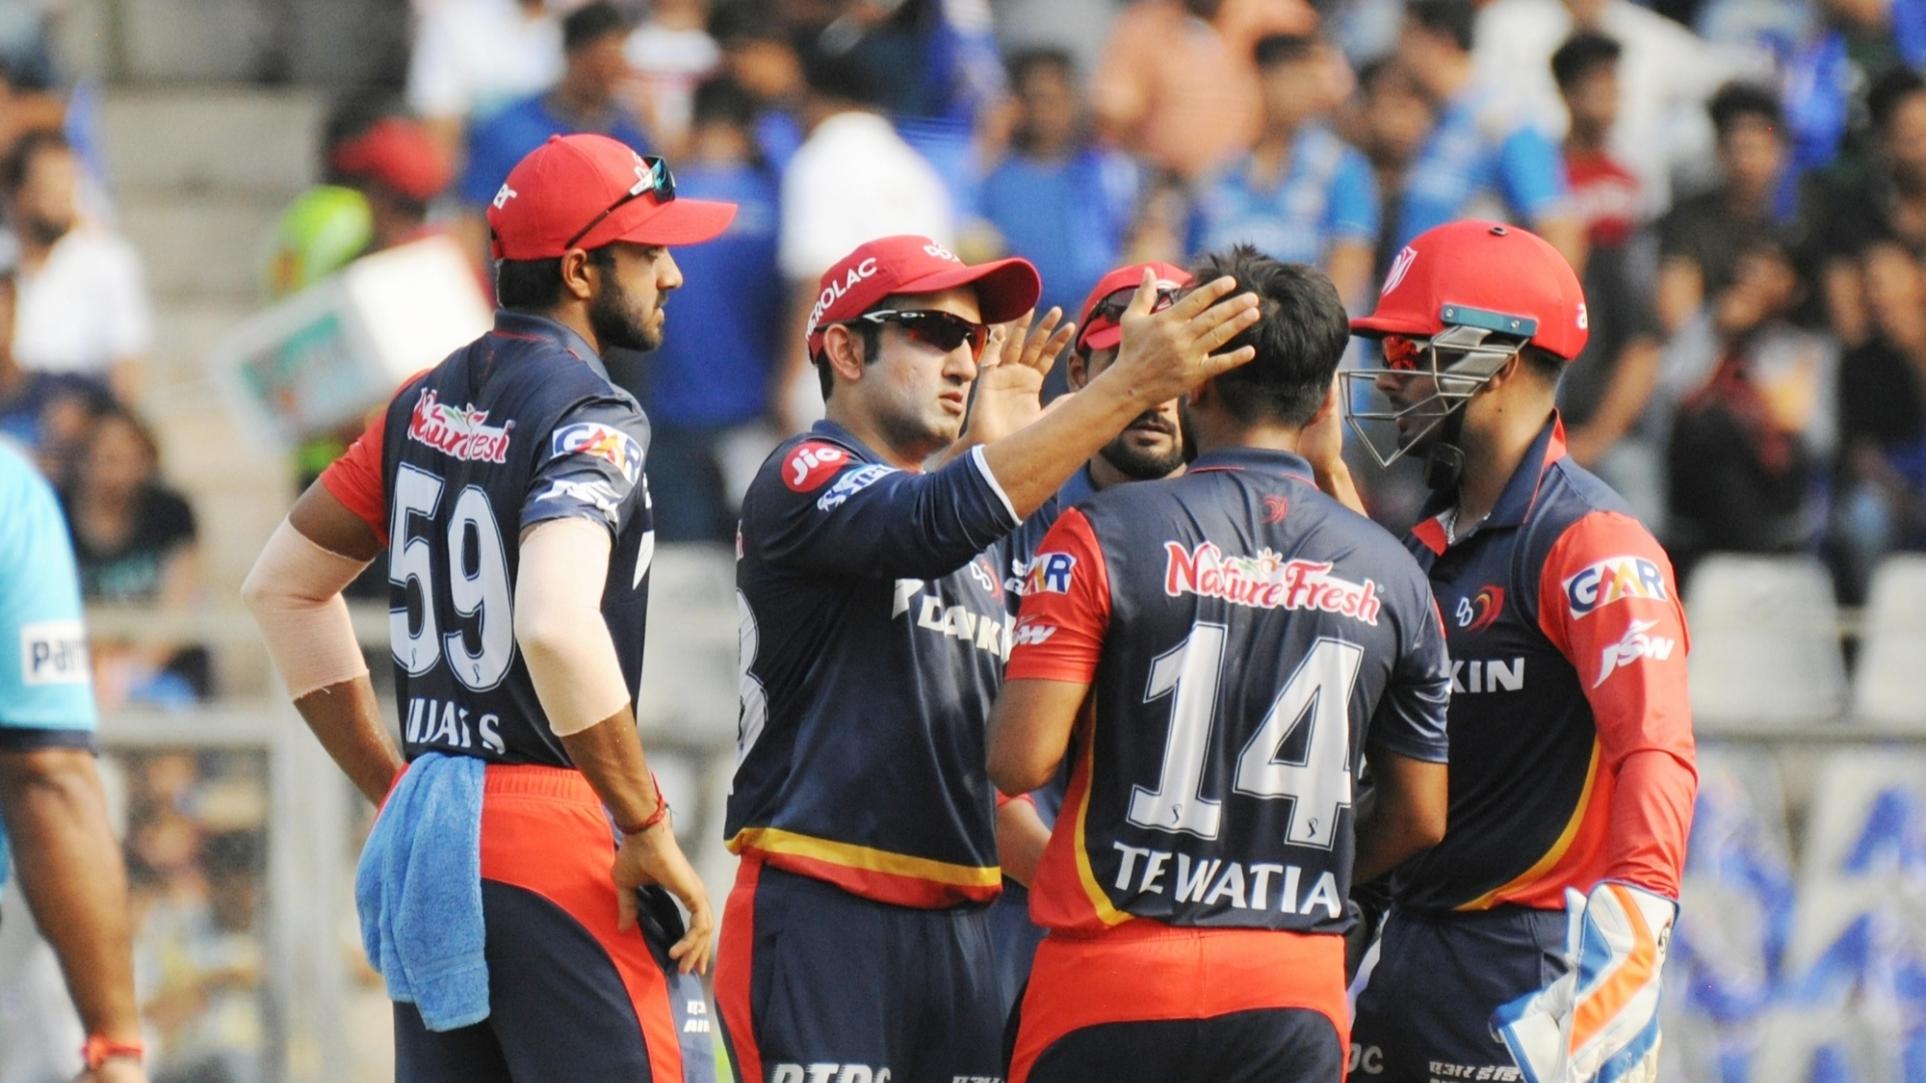 IPL 2018: MI v DD- जेसन रॉय की तूफानी पारी ने मुंबई से छीनी दिल्ली के लिए पहली जीत